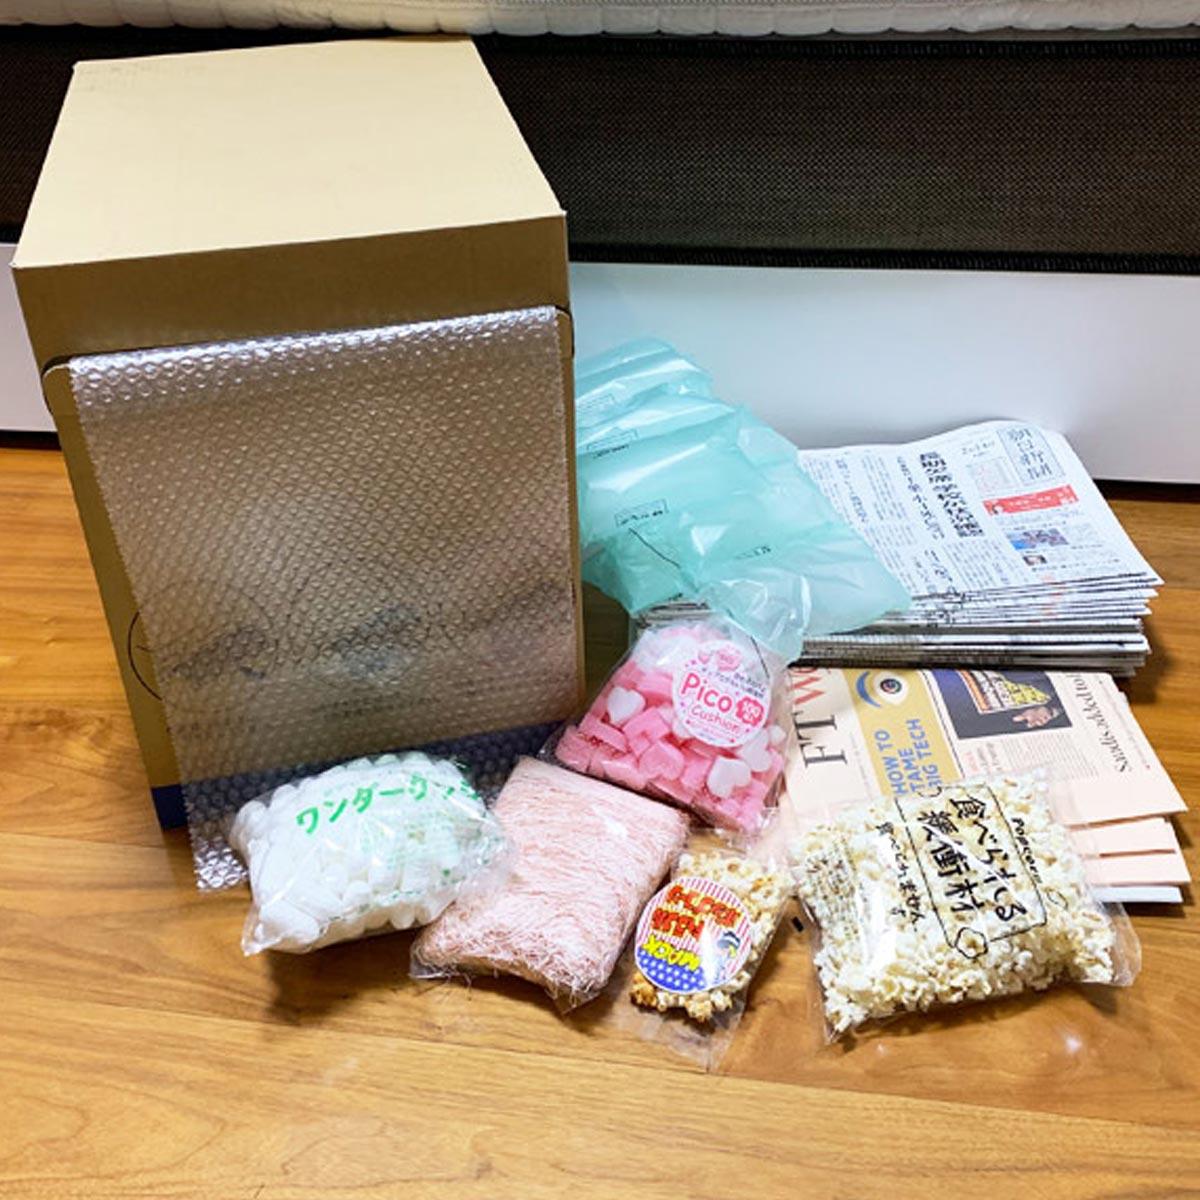 ネットで売れた、さあ発送! 梱包に不可欠「緩衝材」をいろいろ比べた